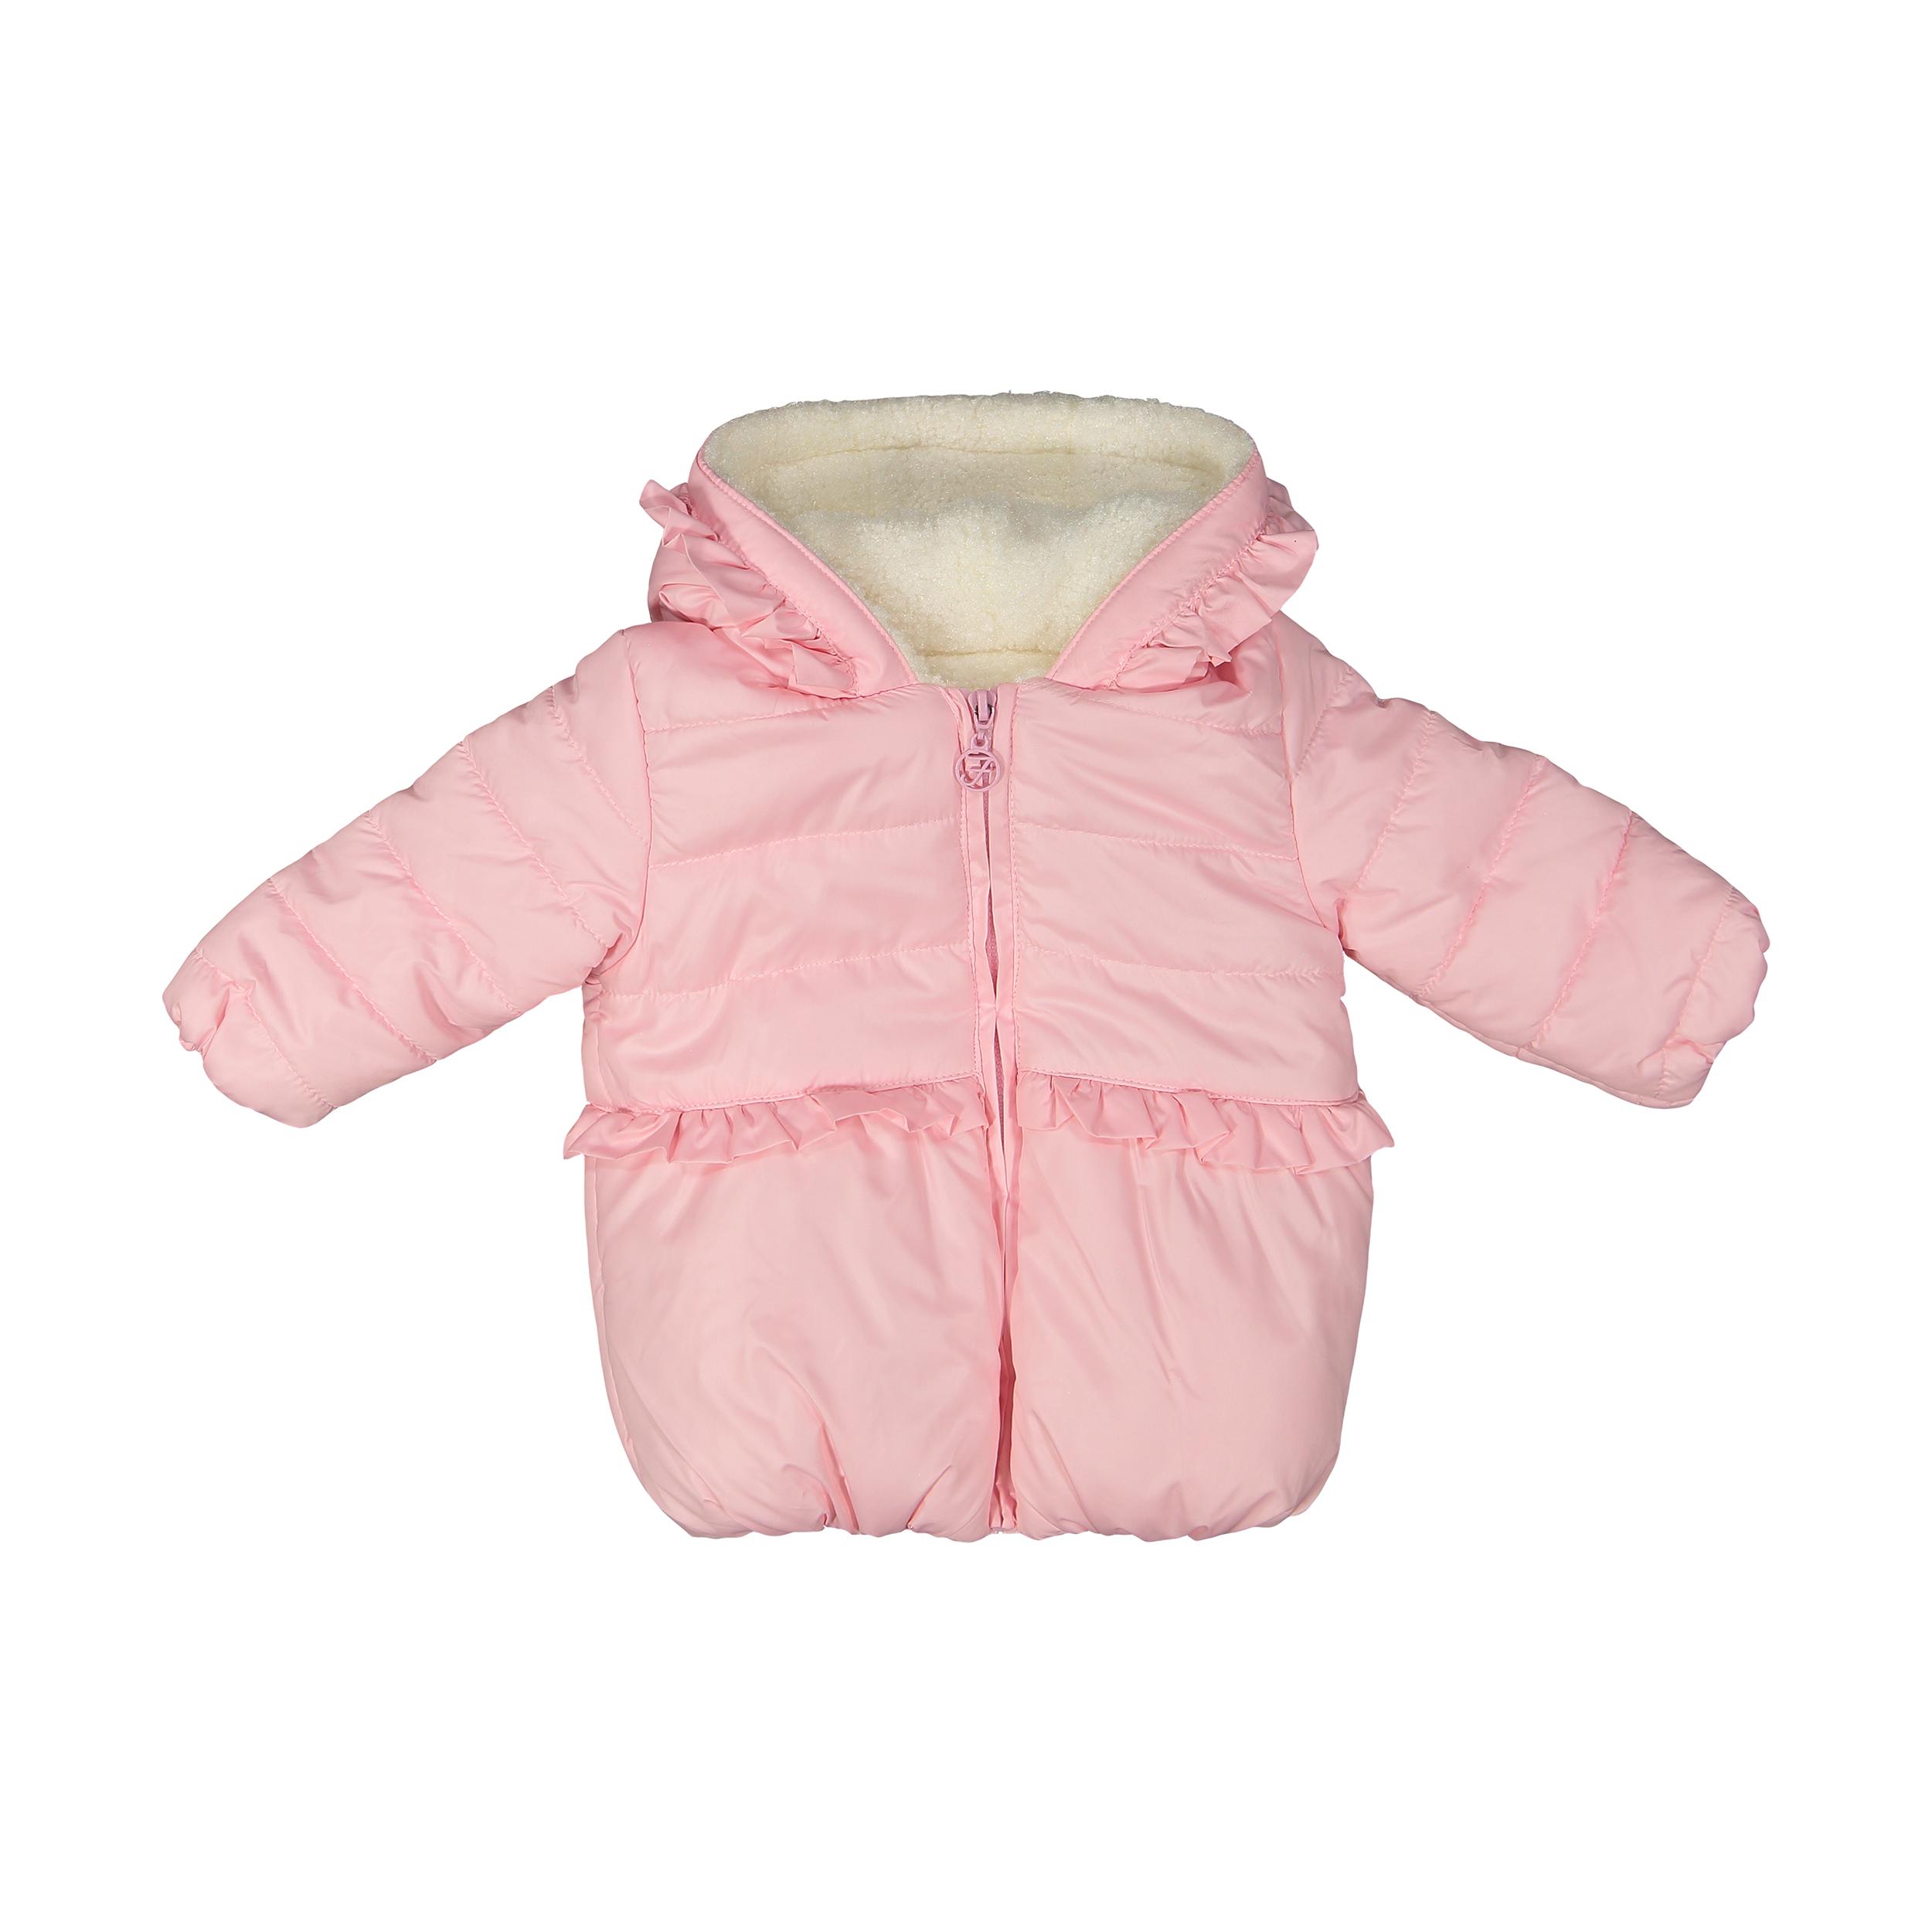 کاپشن نوزادی دخترانه فیورلا کد 4852